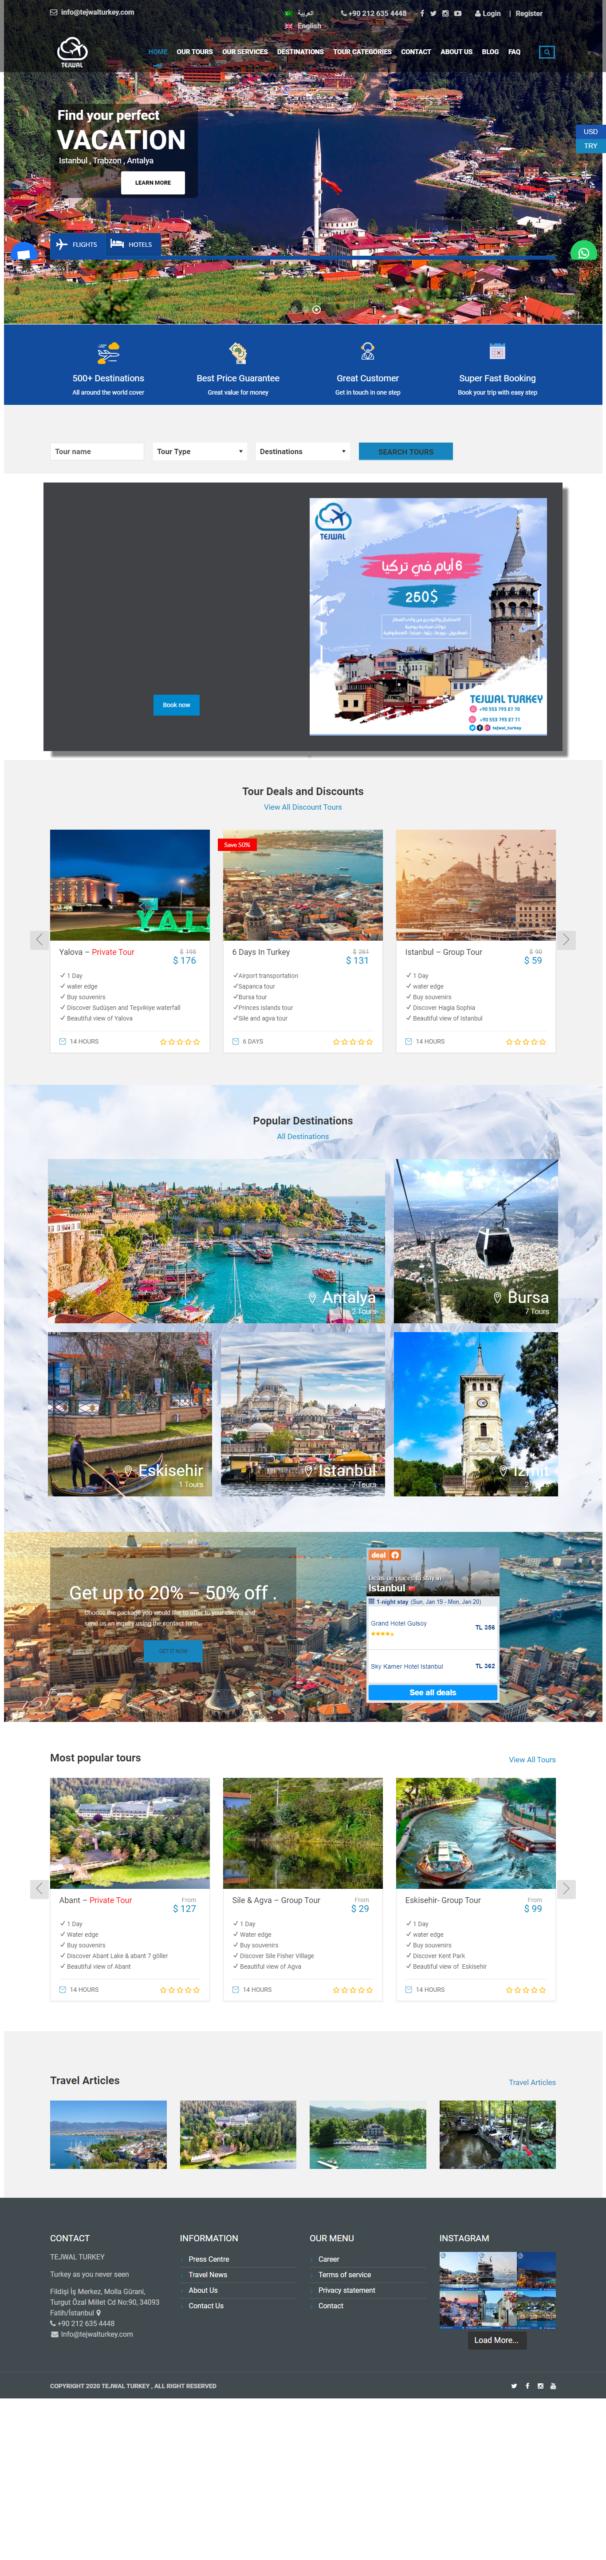 Tejwal Turkey-tejwalturkey.com